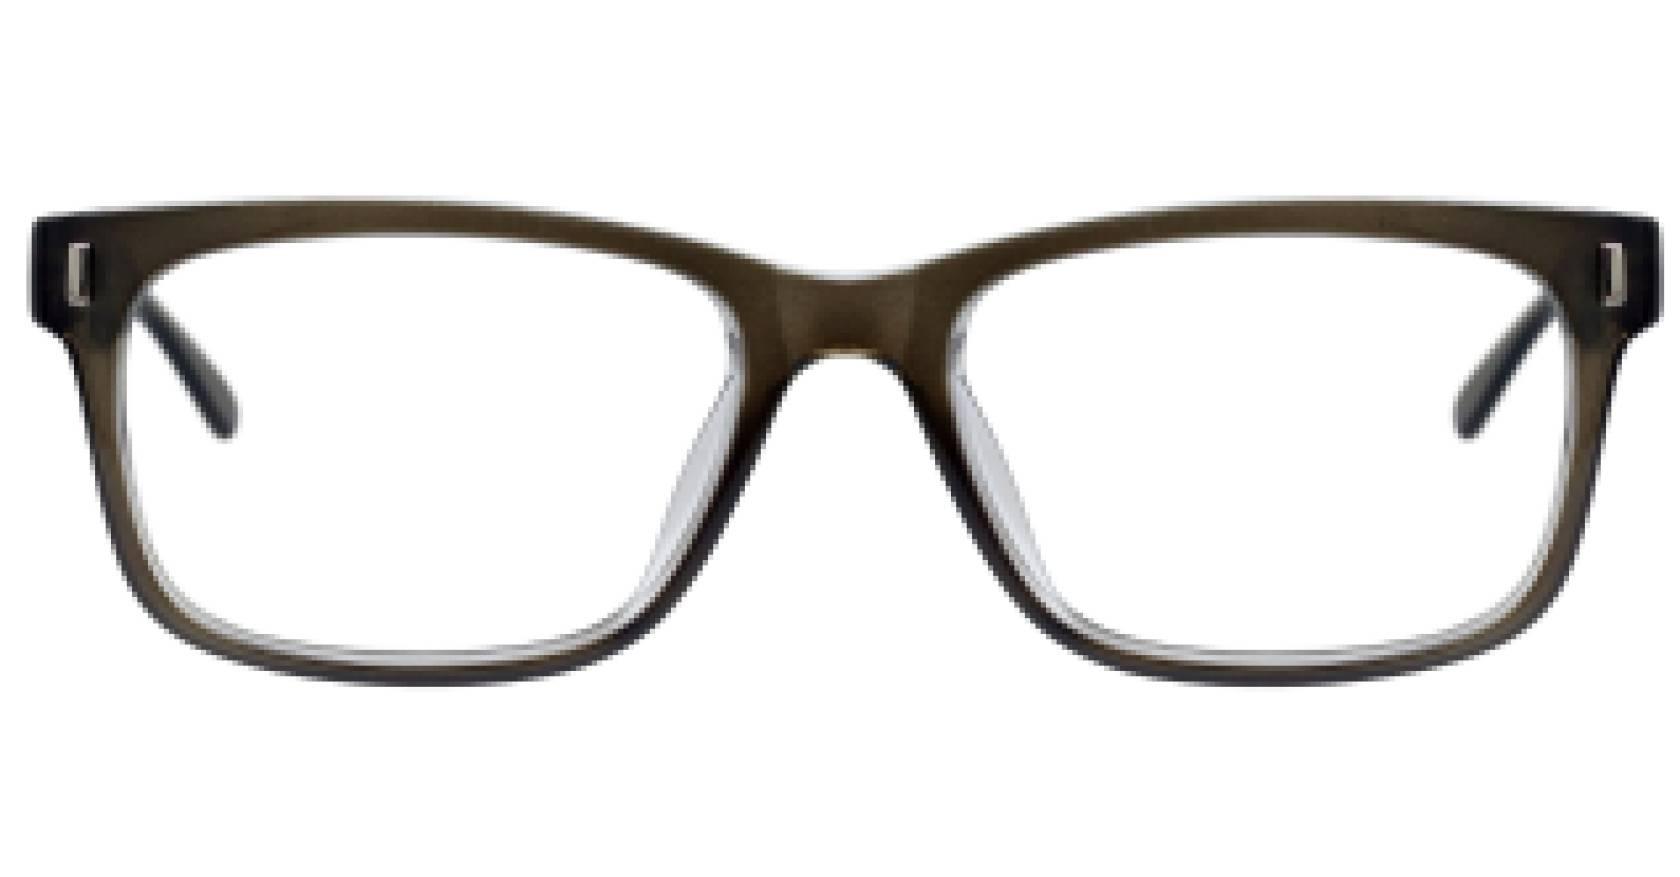 imagen miniatura frontal de la referencia 100565